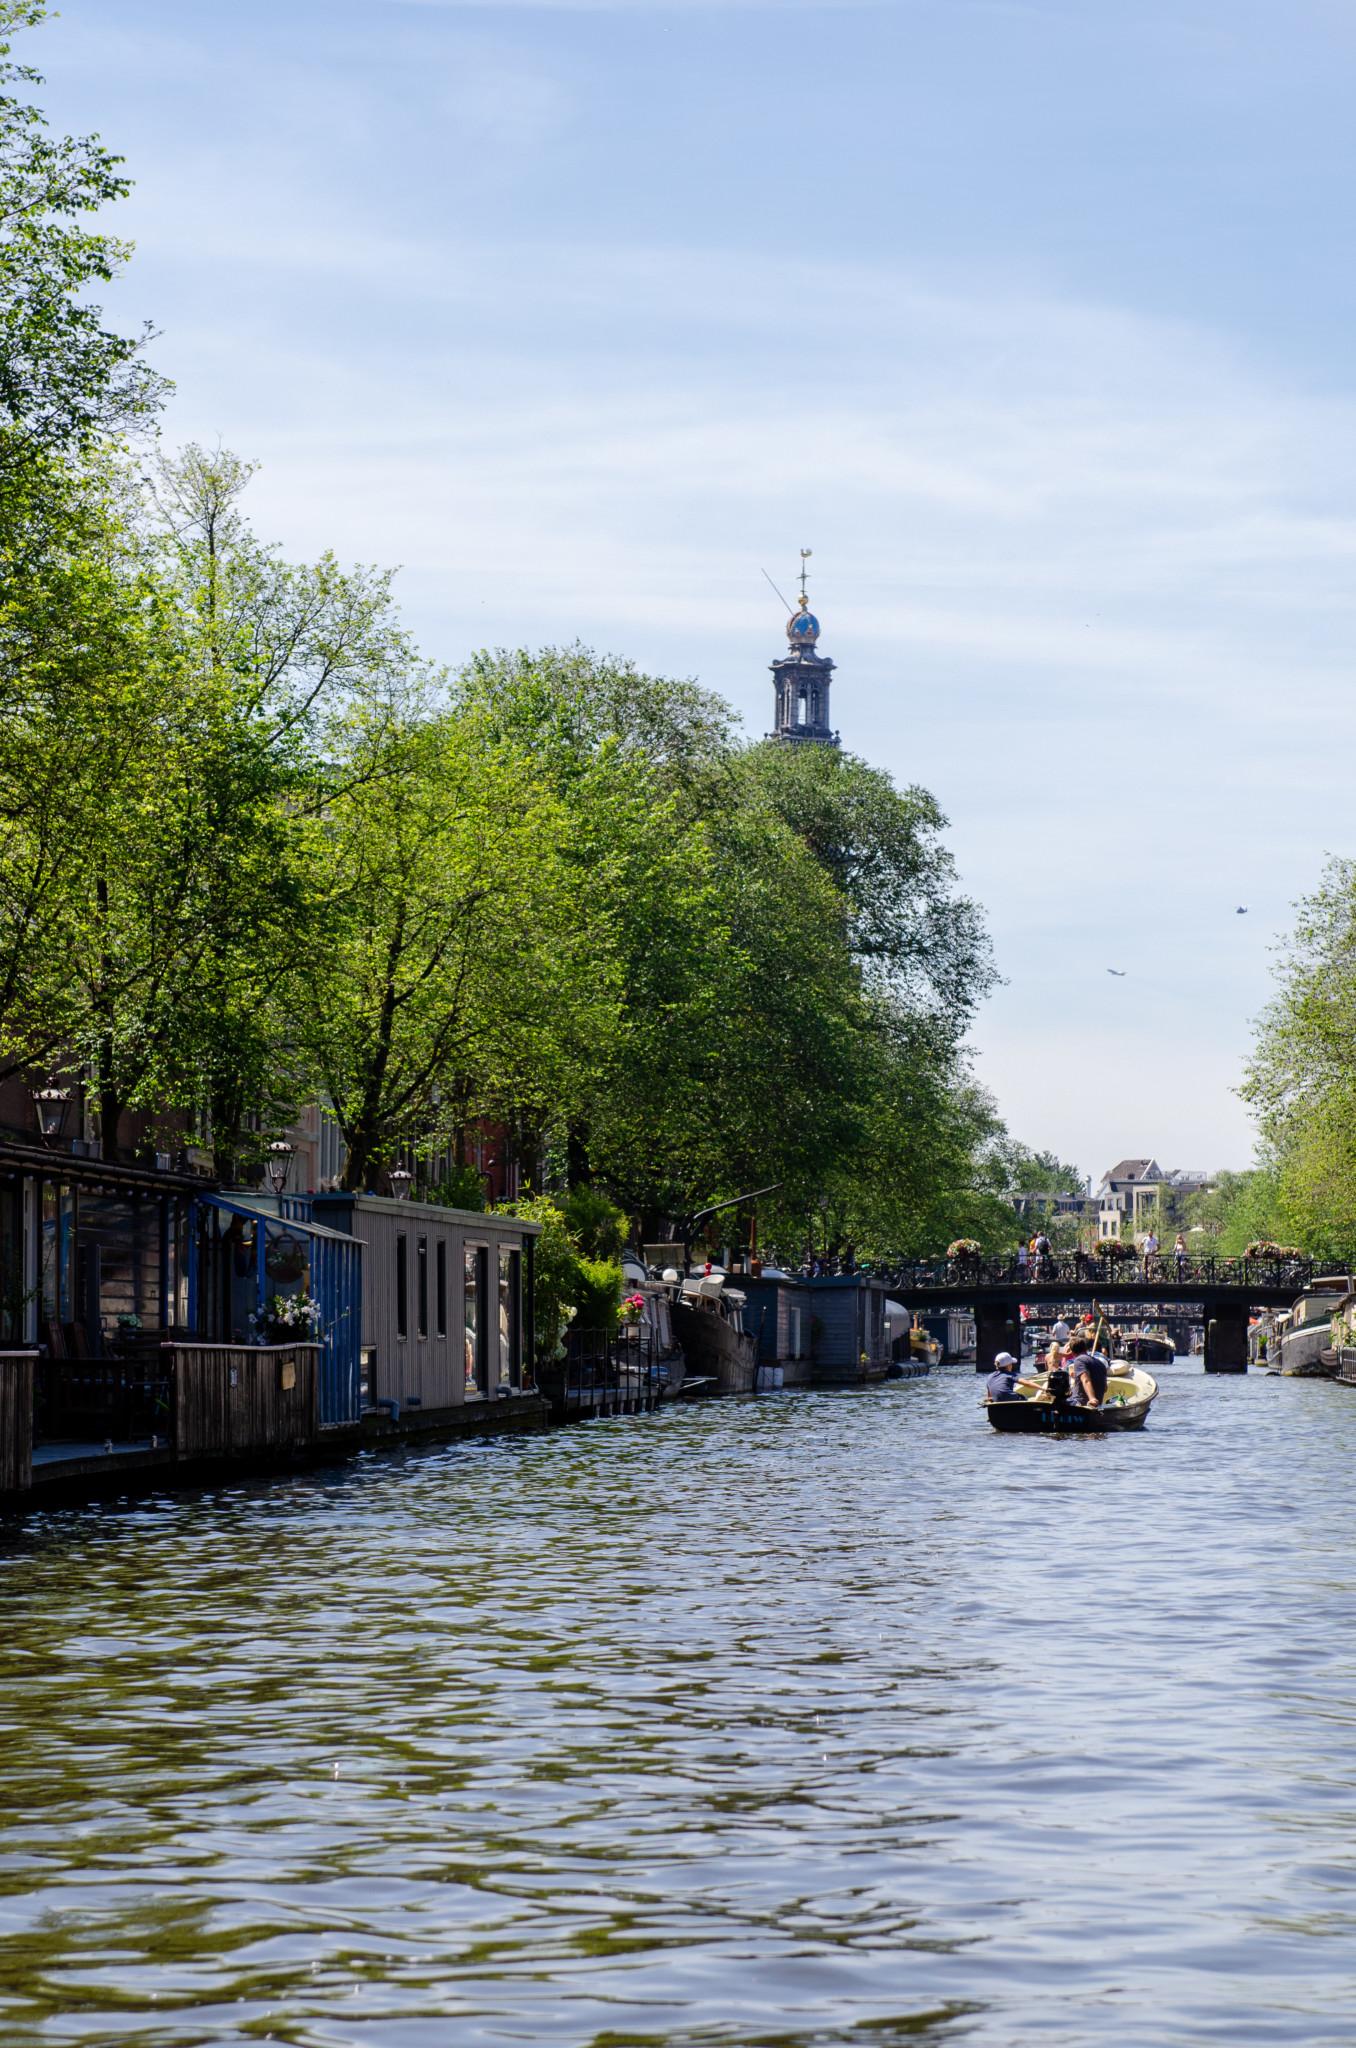 Zu unsere Amsterdam Tipps gehört auch eine Bootsfahrt durch die Grachten.